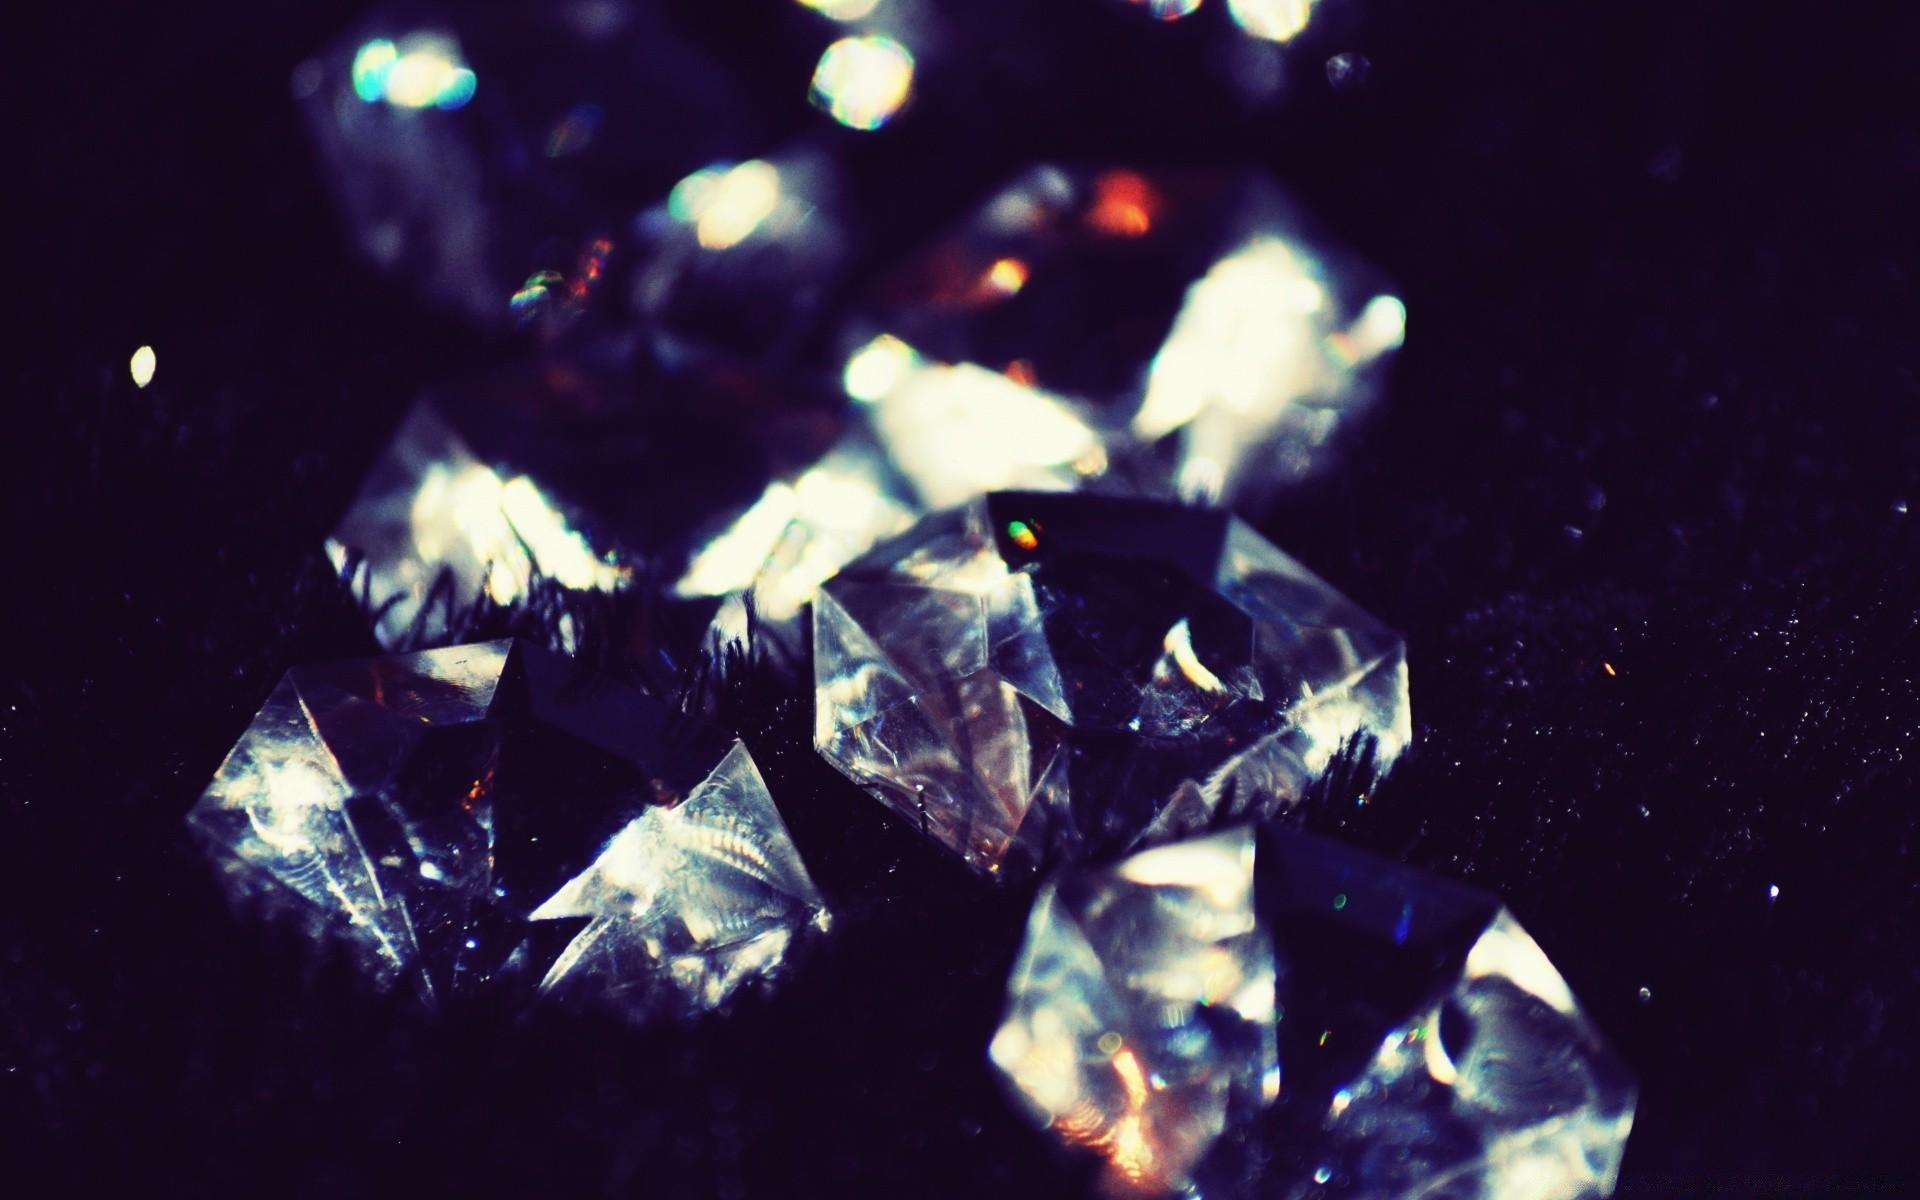 Картинки на стол кристалы